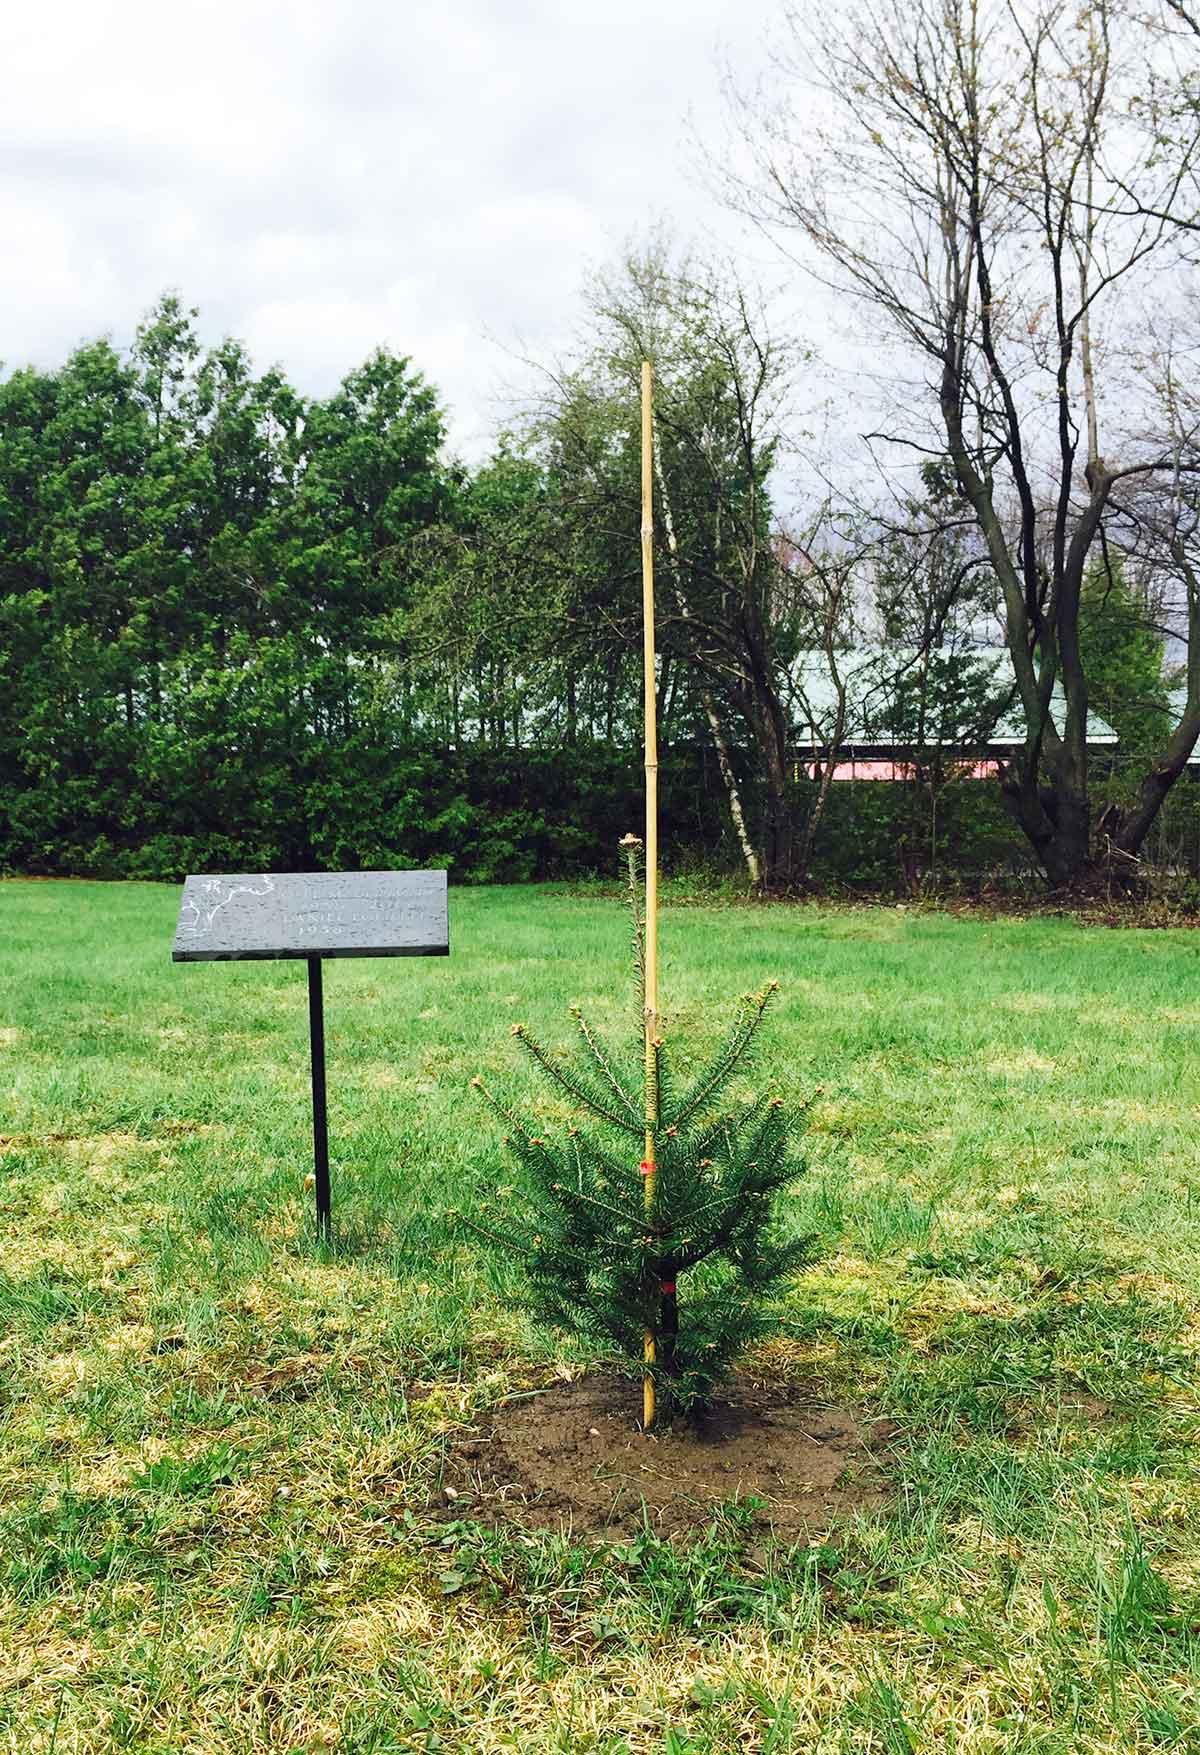 Bios Urn Biodegradable Urn planted in Garden